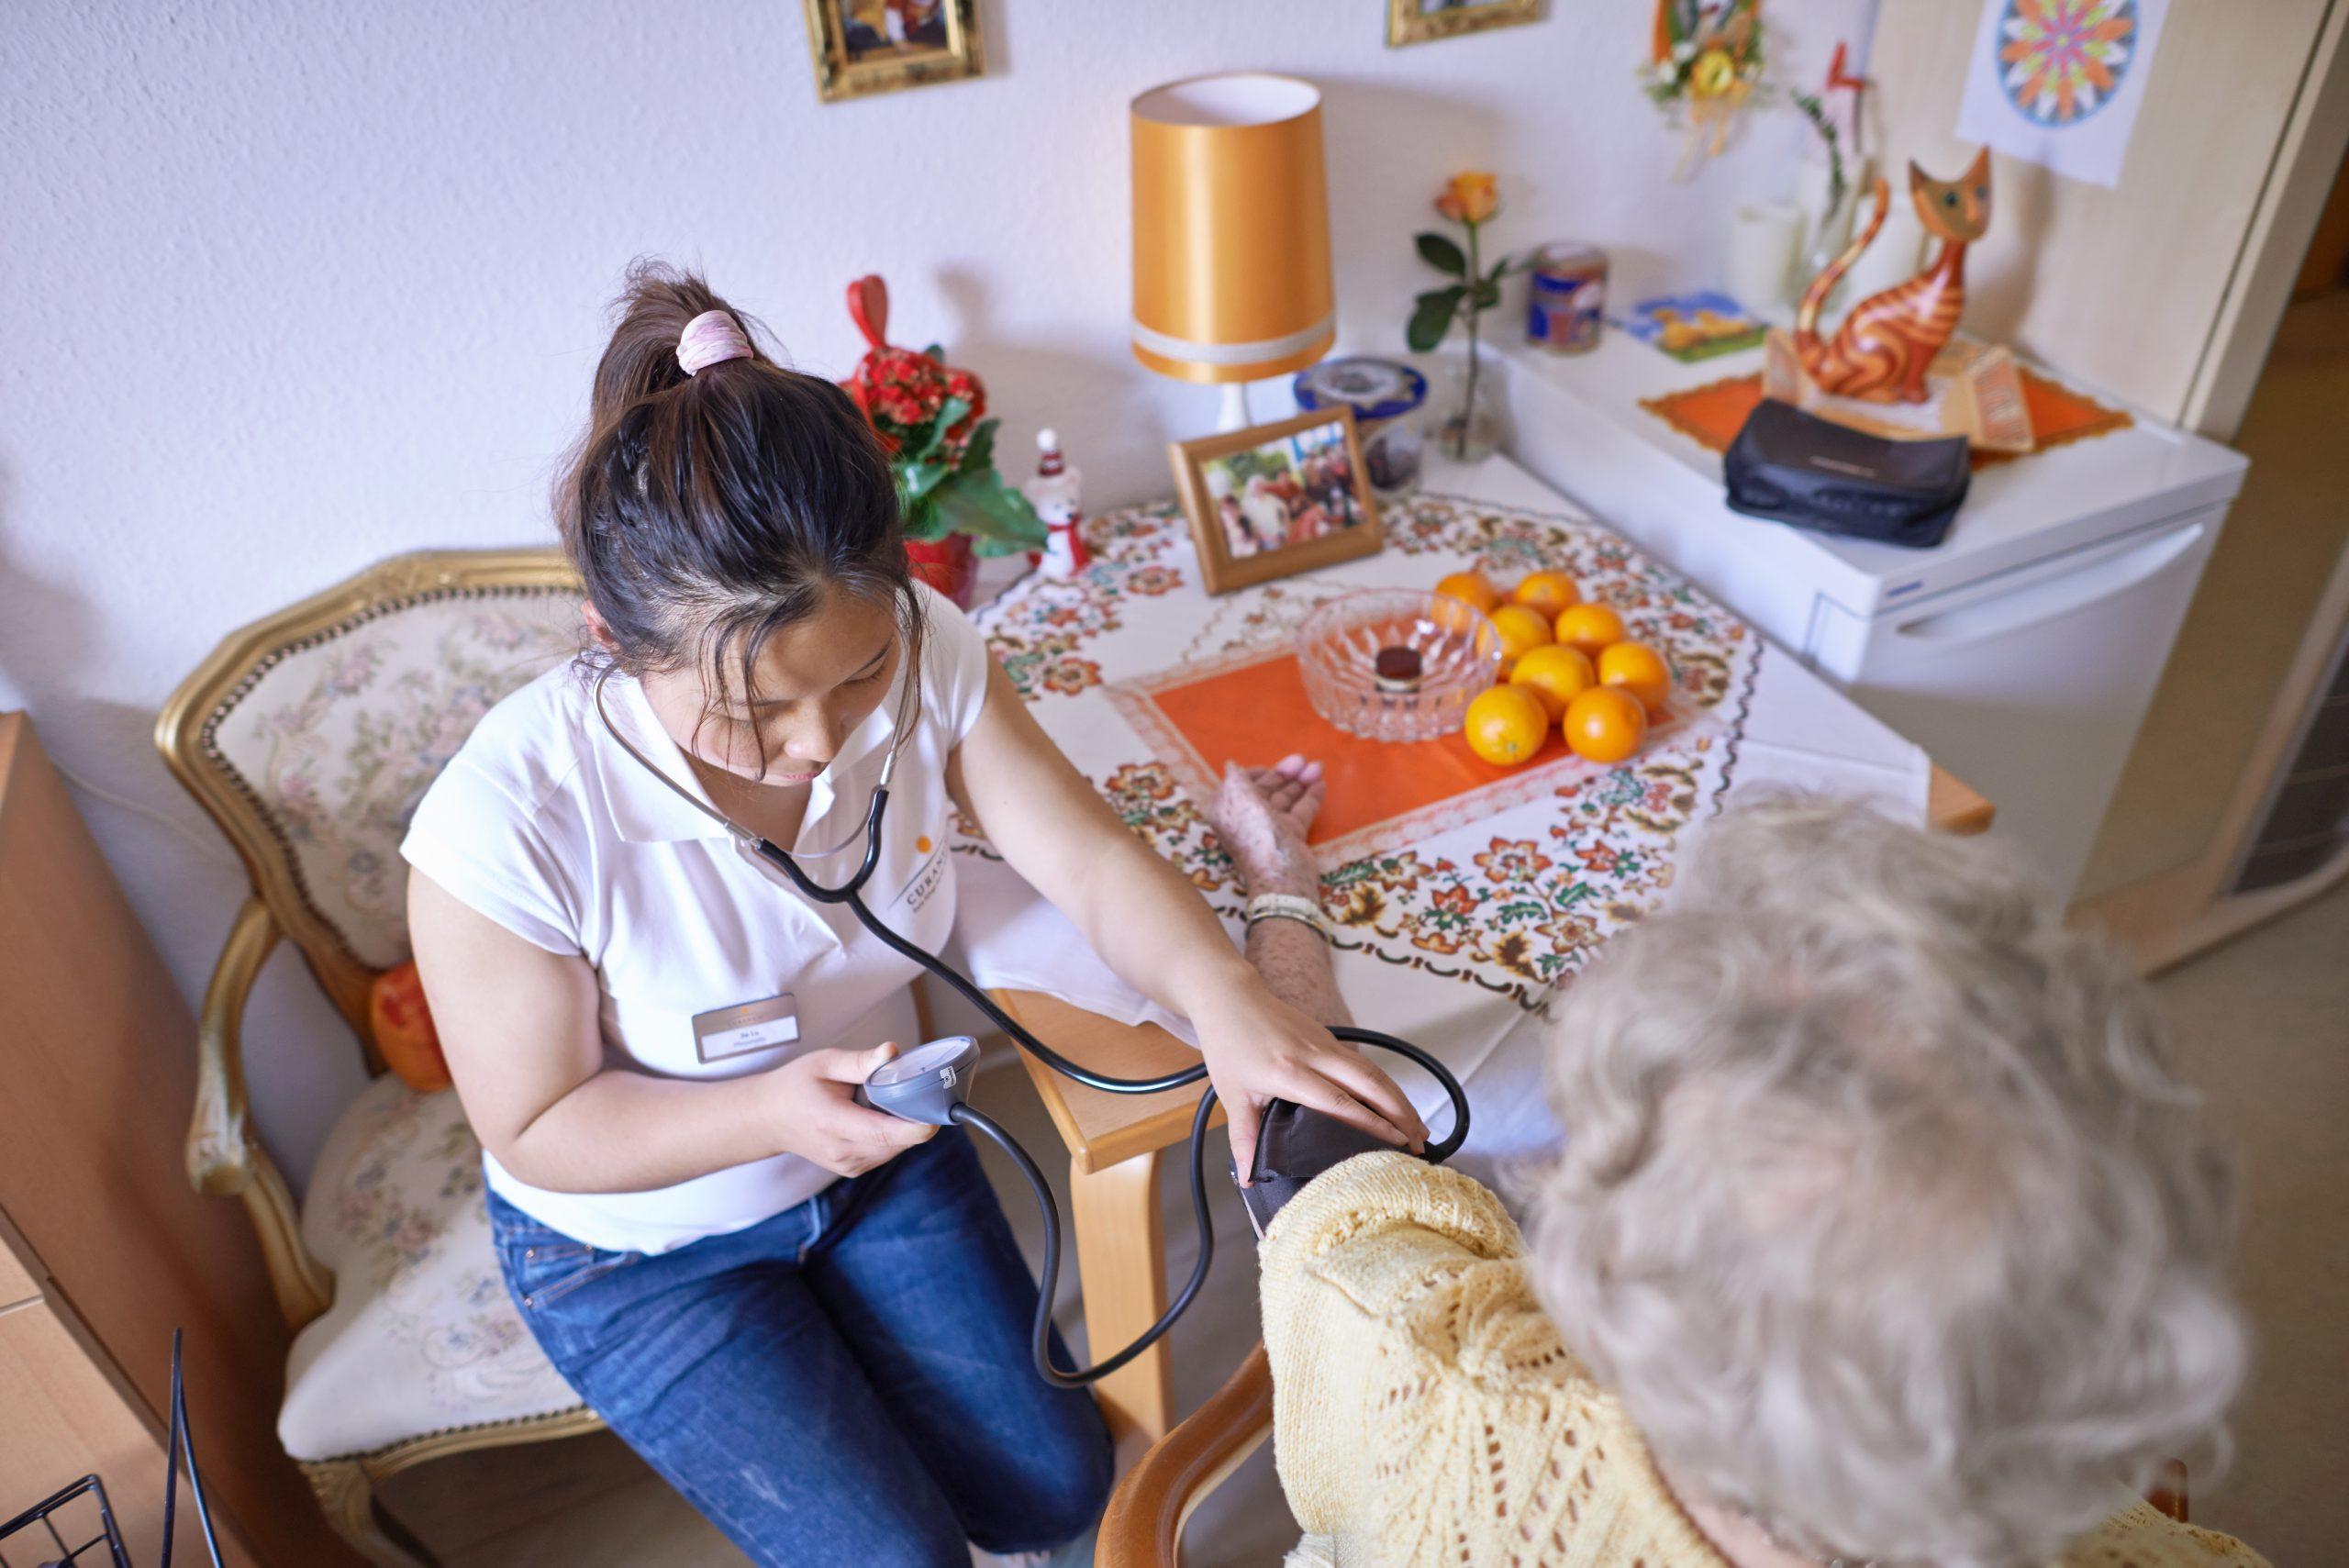 Sind häufig von Rassismus betroffen: Ausländische Pflegekräfte in Deutschland